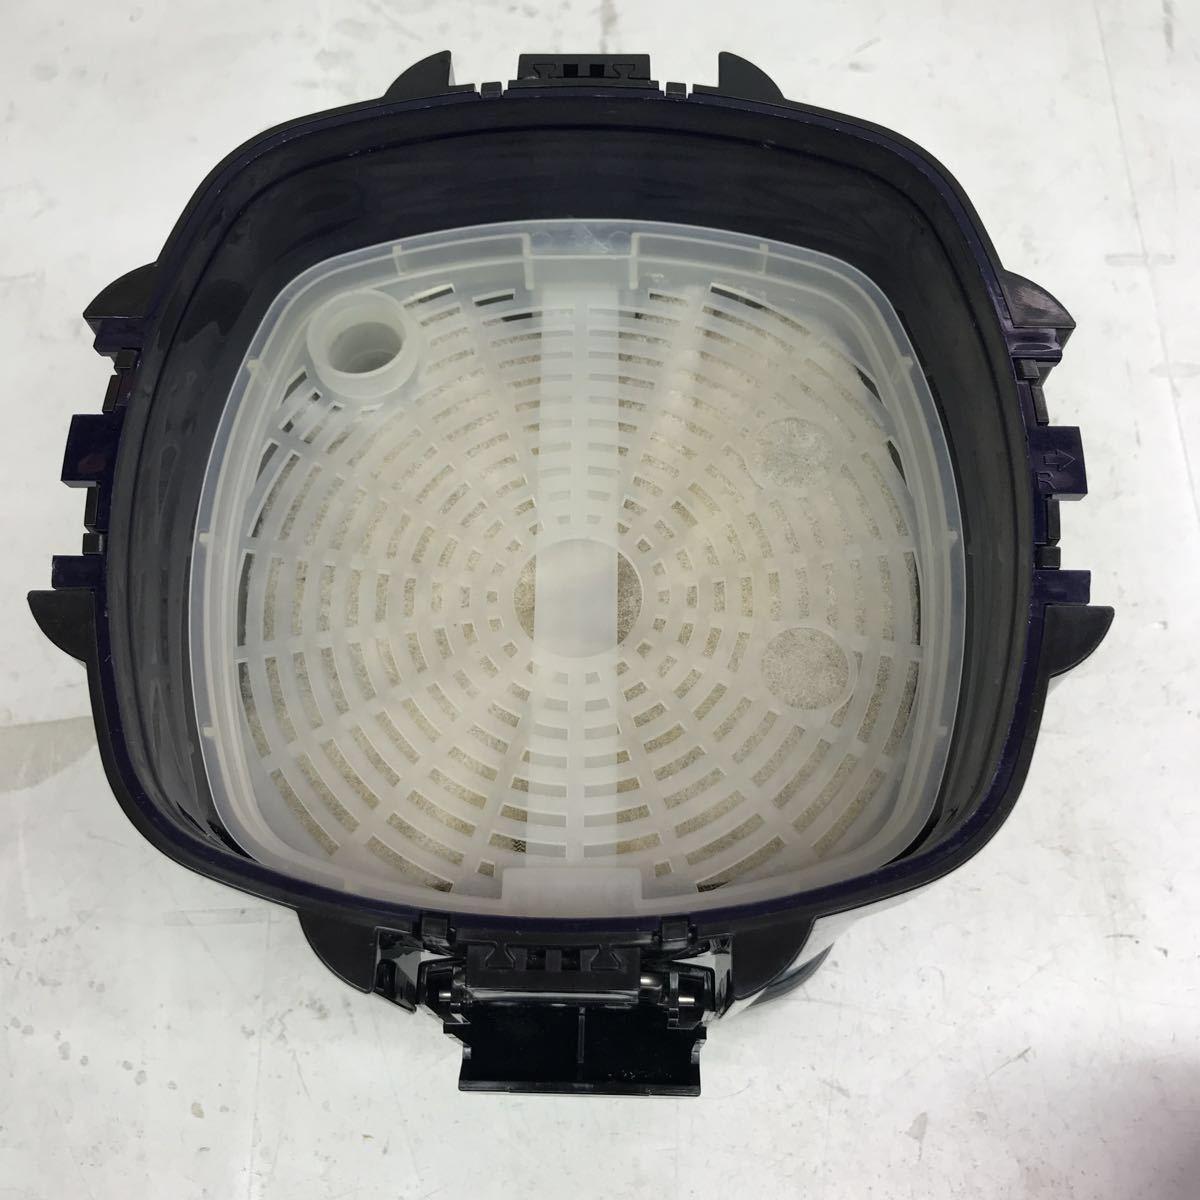 テトラ バリューエックス 75 VX-75 水槽用フィルター Tetra 中古品_画像5